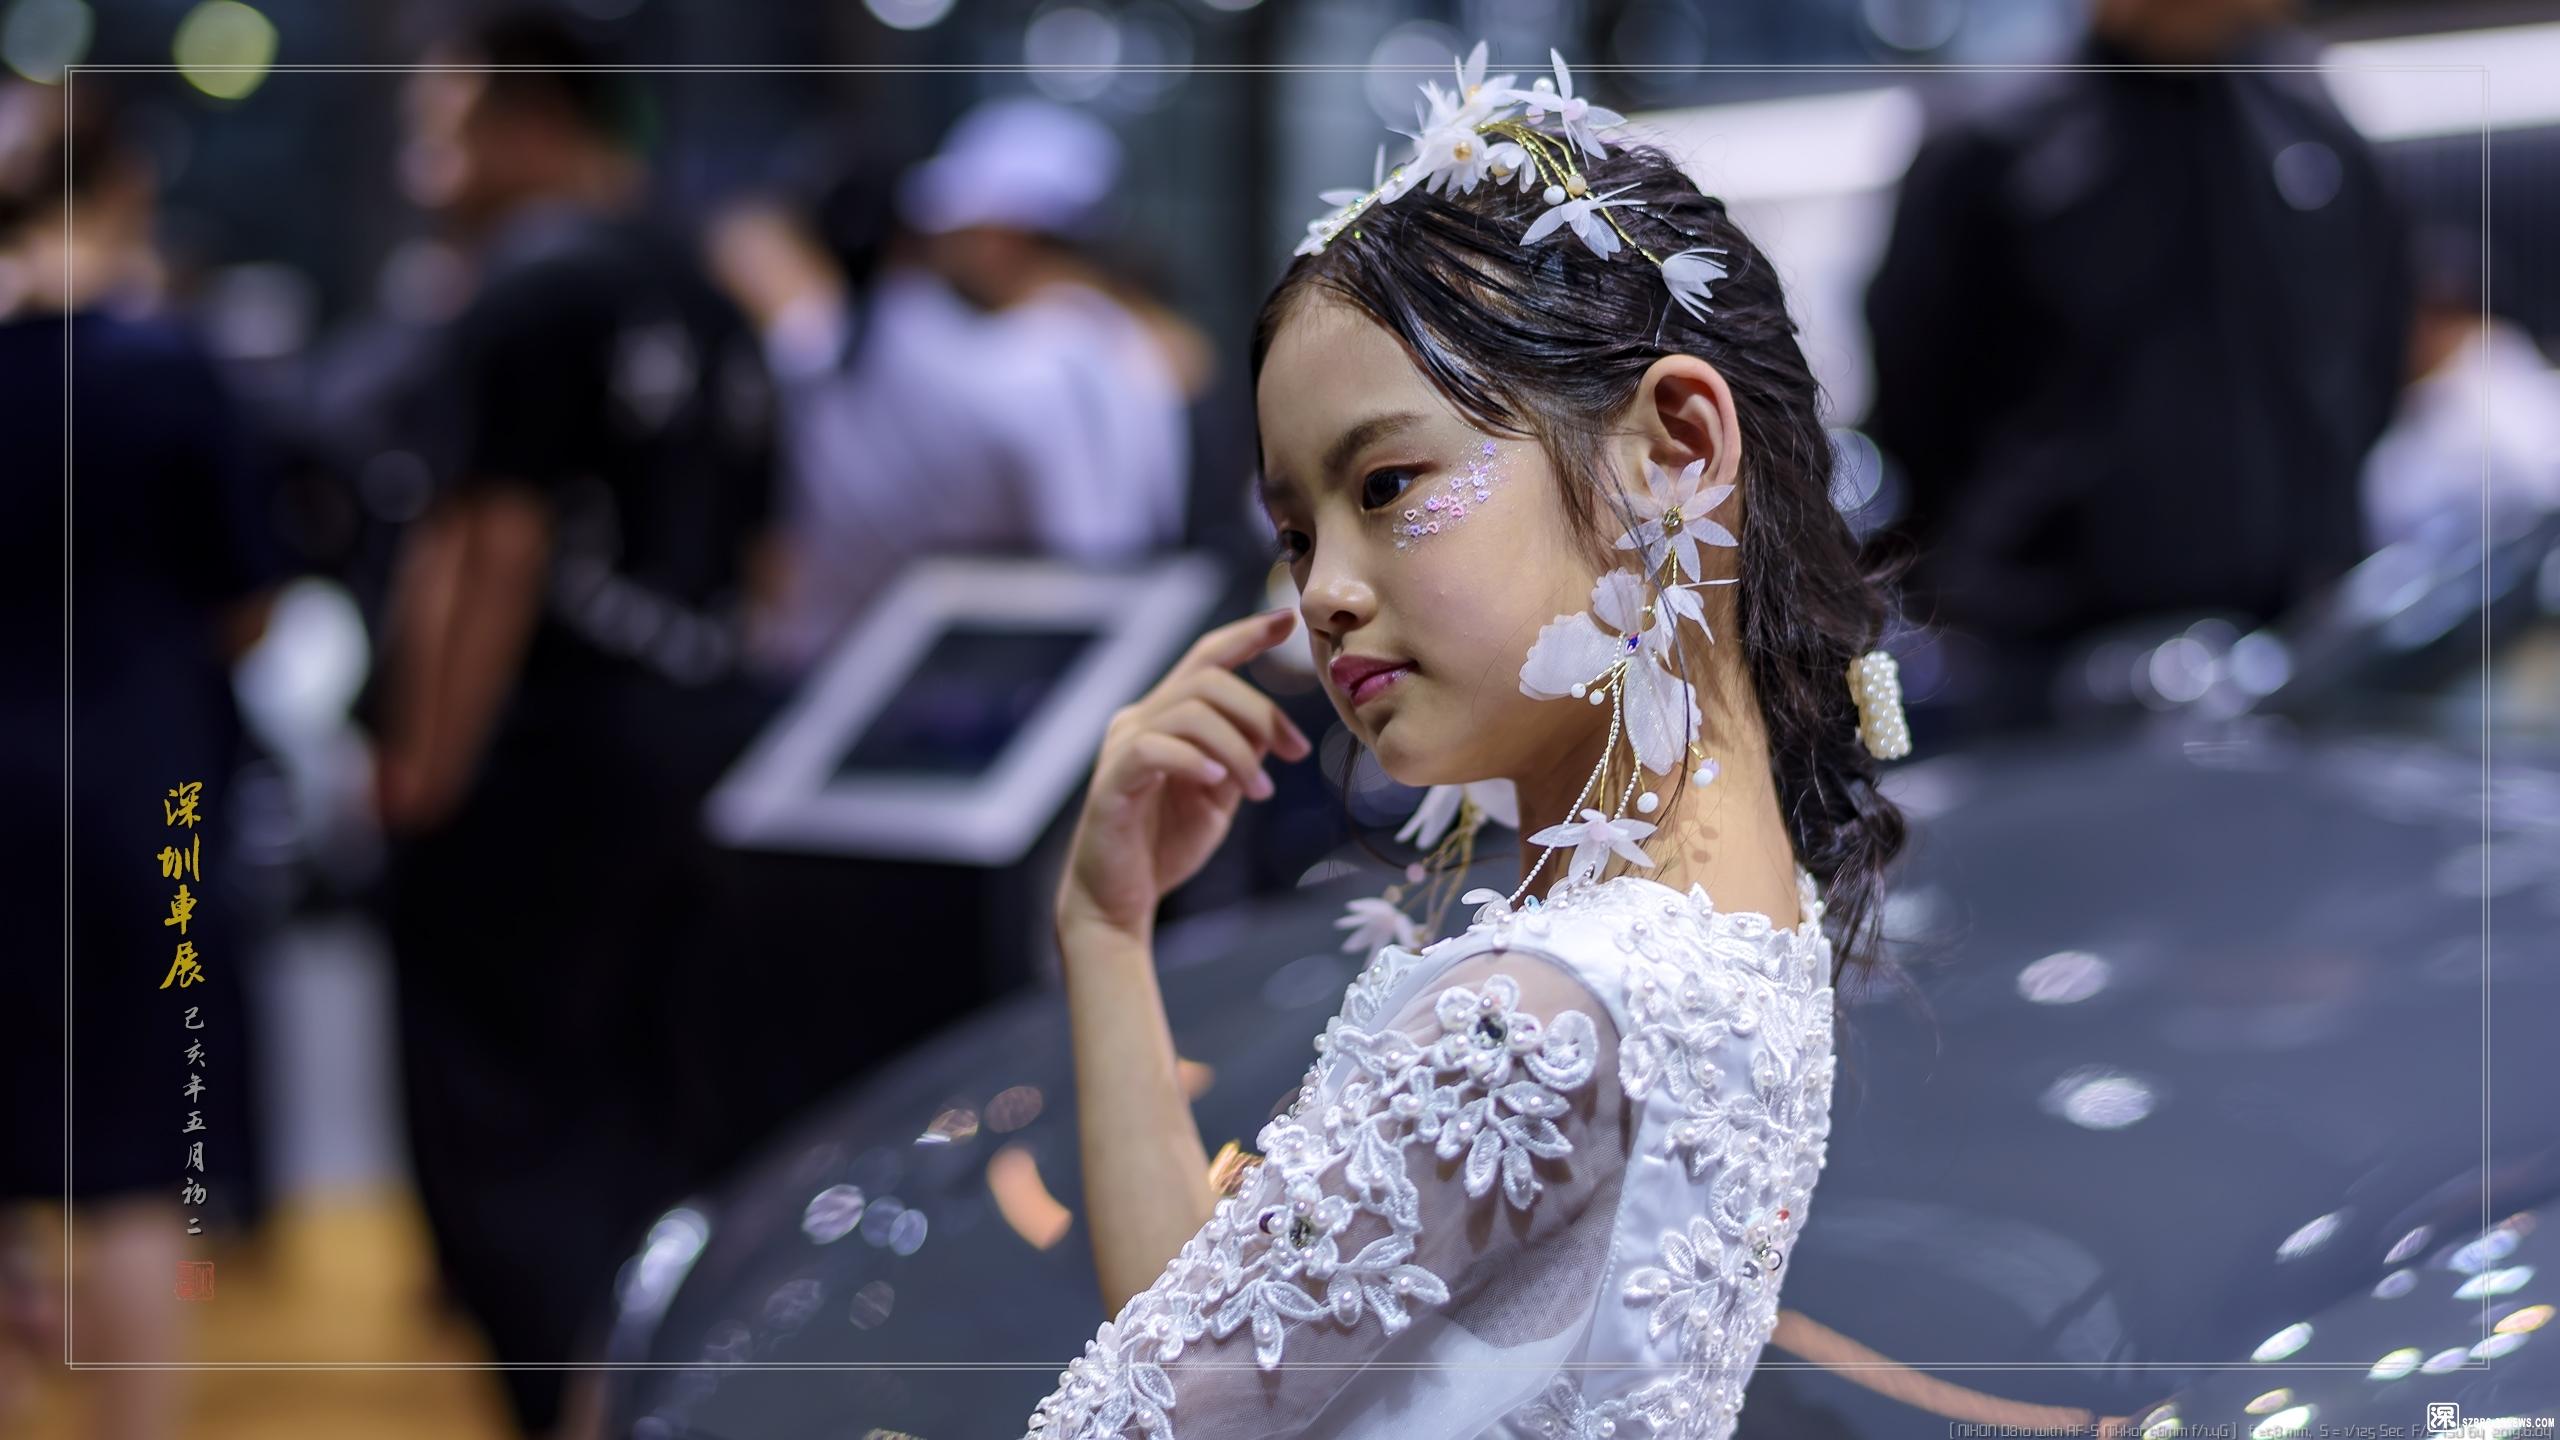 2019 粤港澳车展上的小姑娘【SZLzuq】.jpg